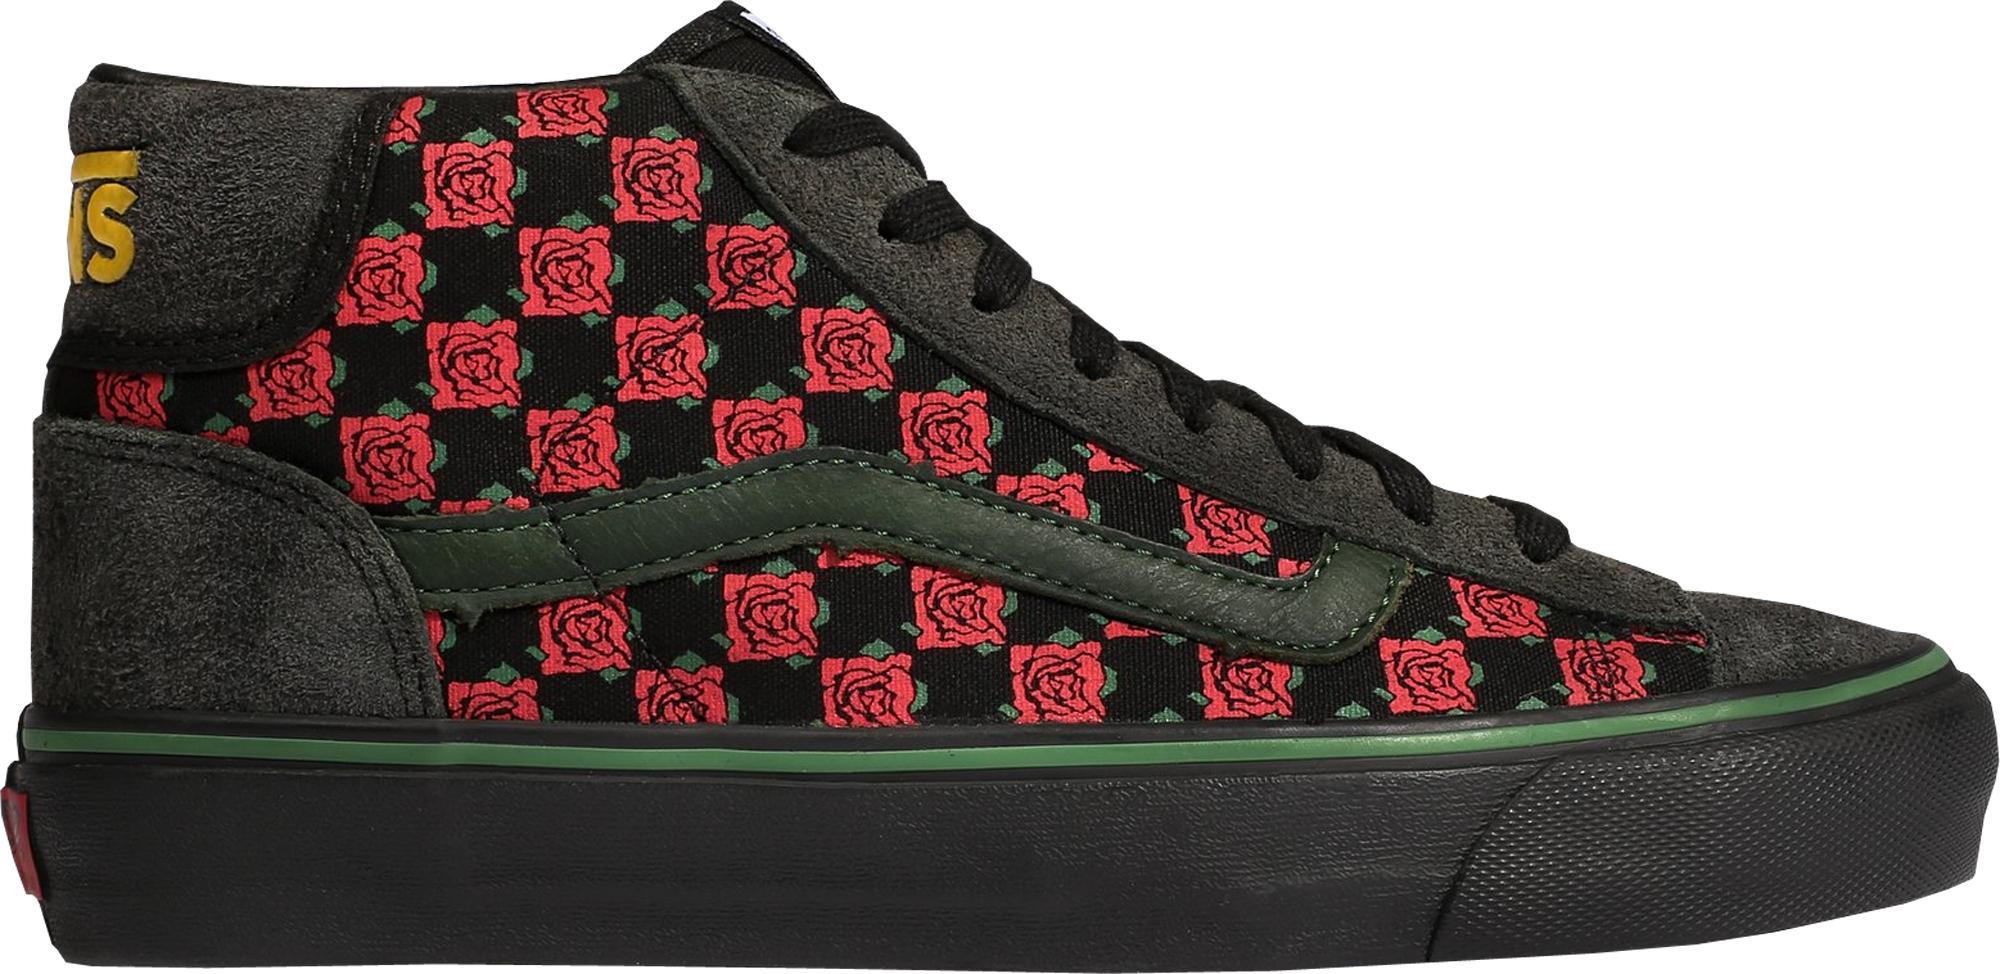 ff681fecb2beaa Lyst - Vans Mid Skool Bodega Sub Rosa Black for Men